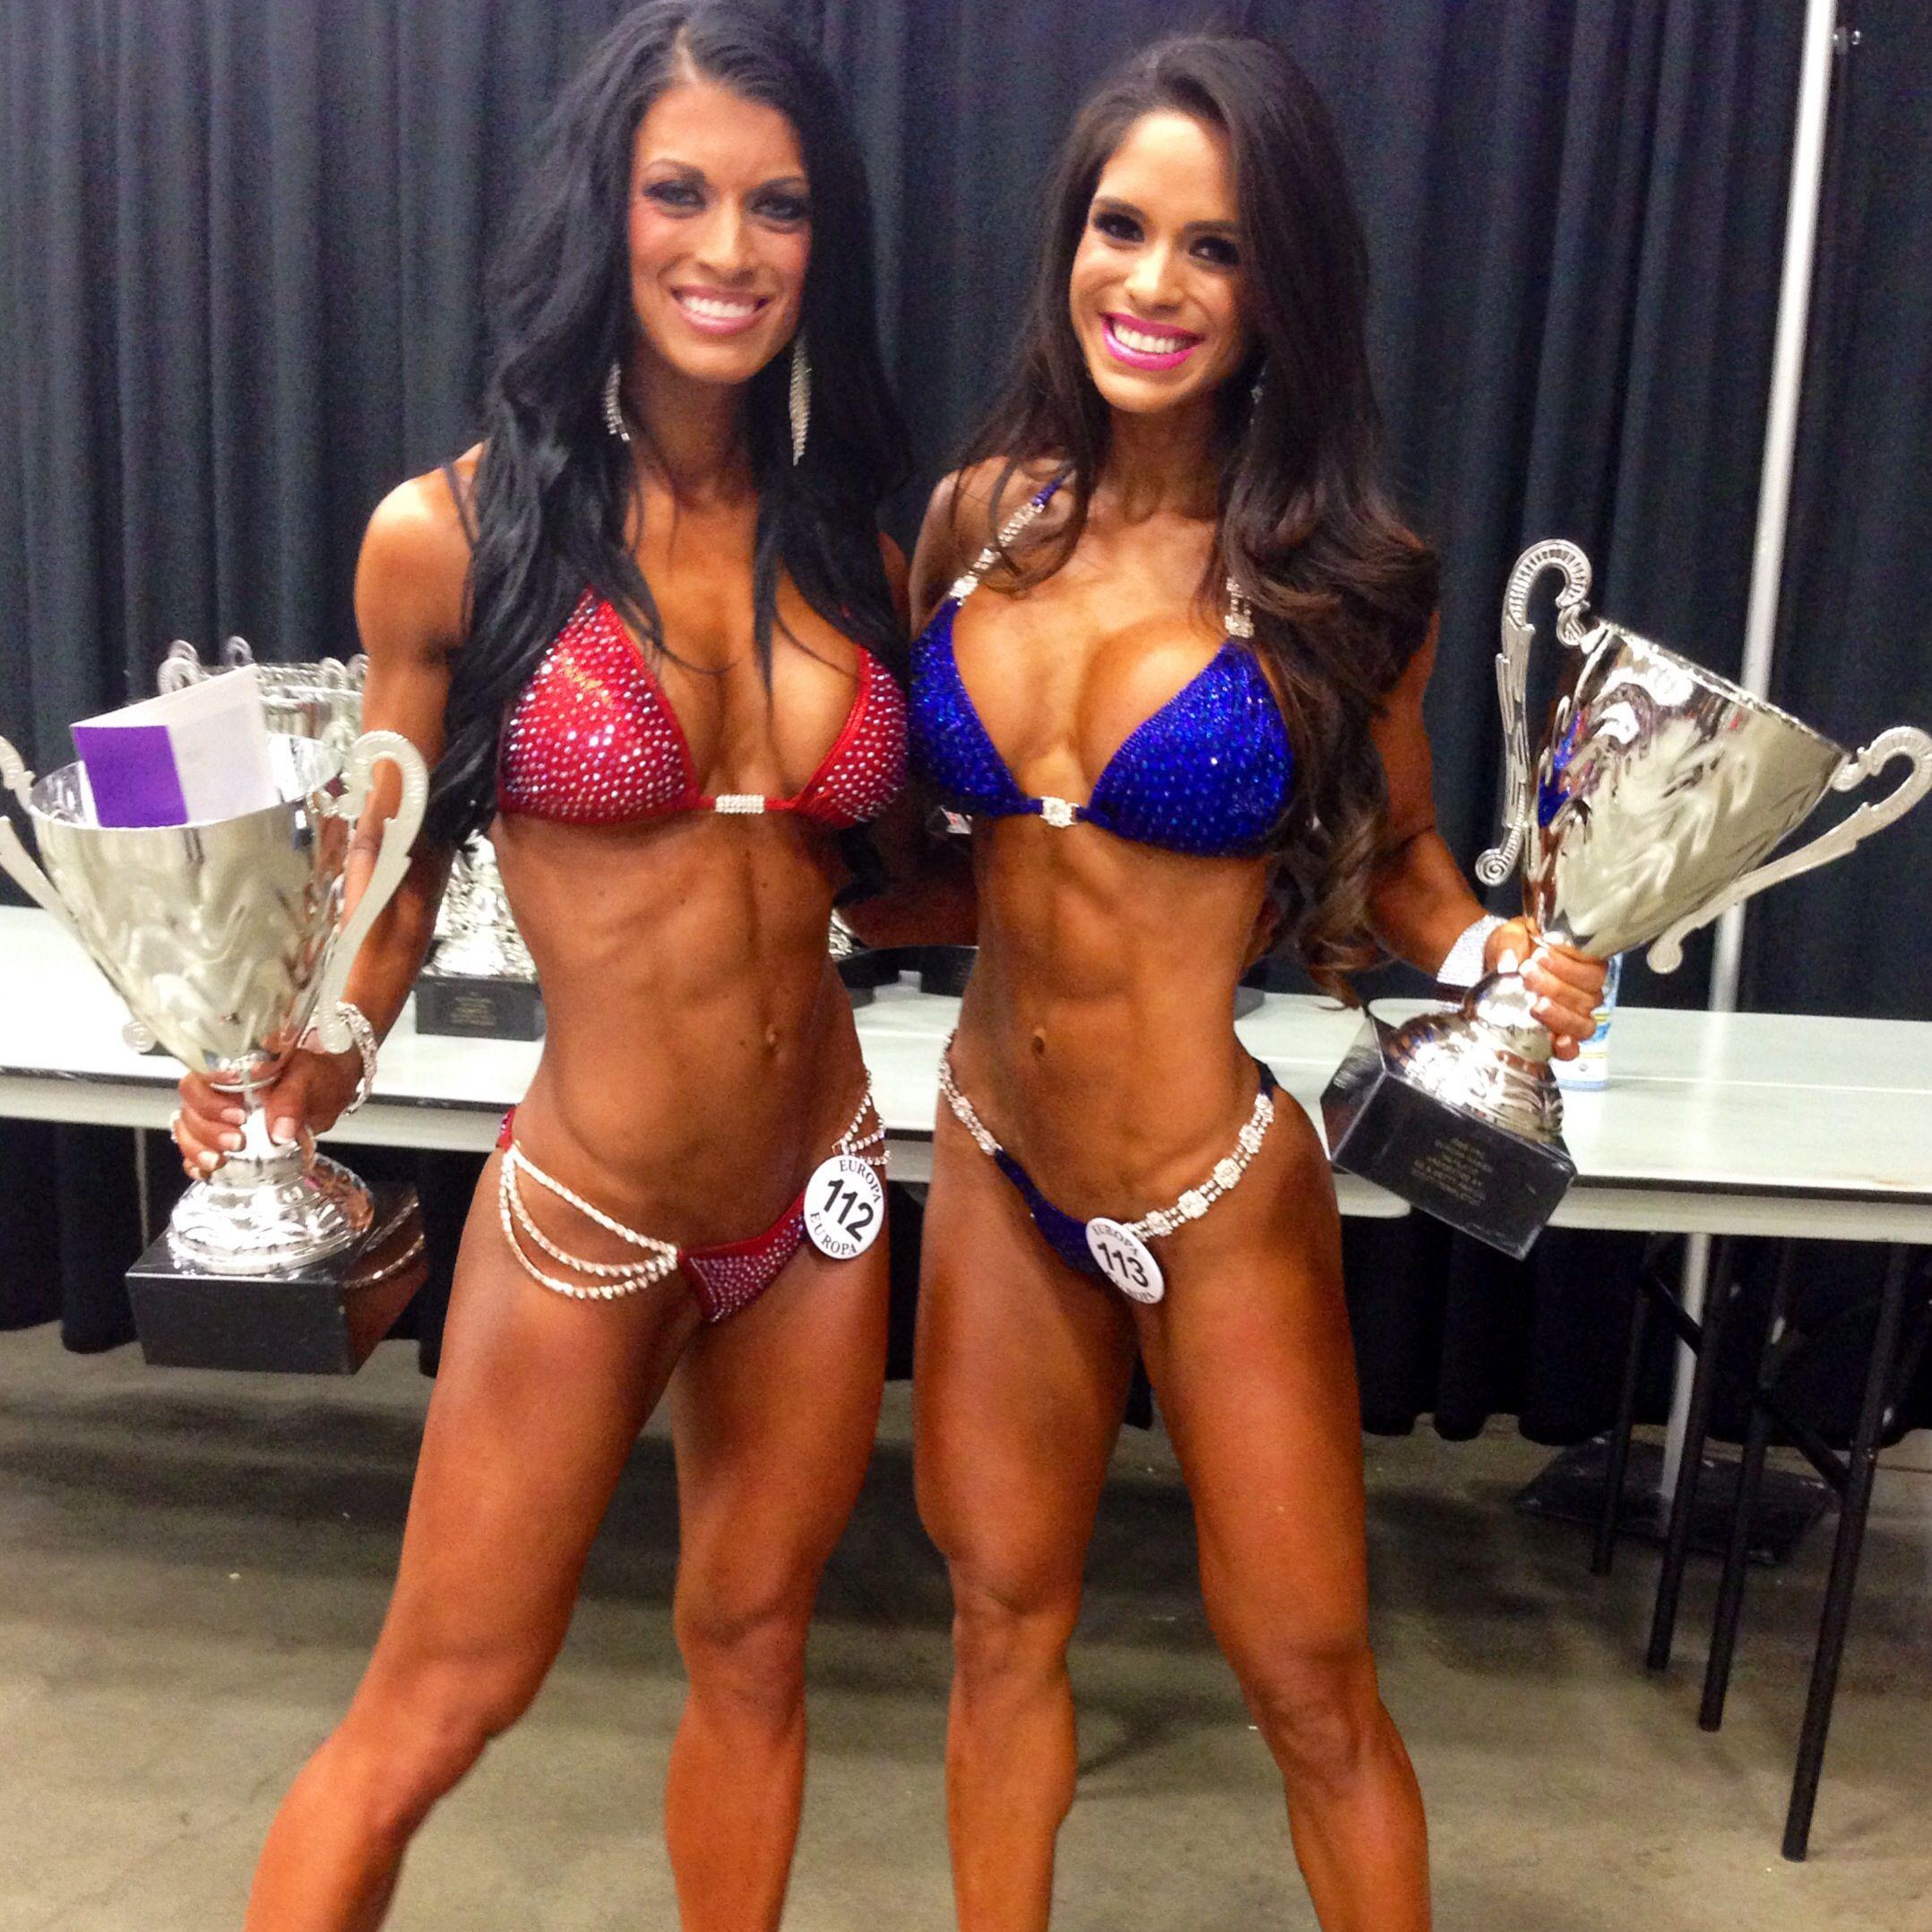 Ifbb pro Jenee Leger and Ifbb pro Michelle Lewin at 2014 Europa Dallas. Fit bikini girls